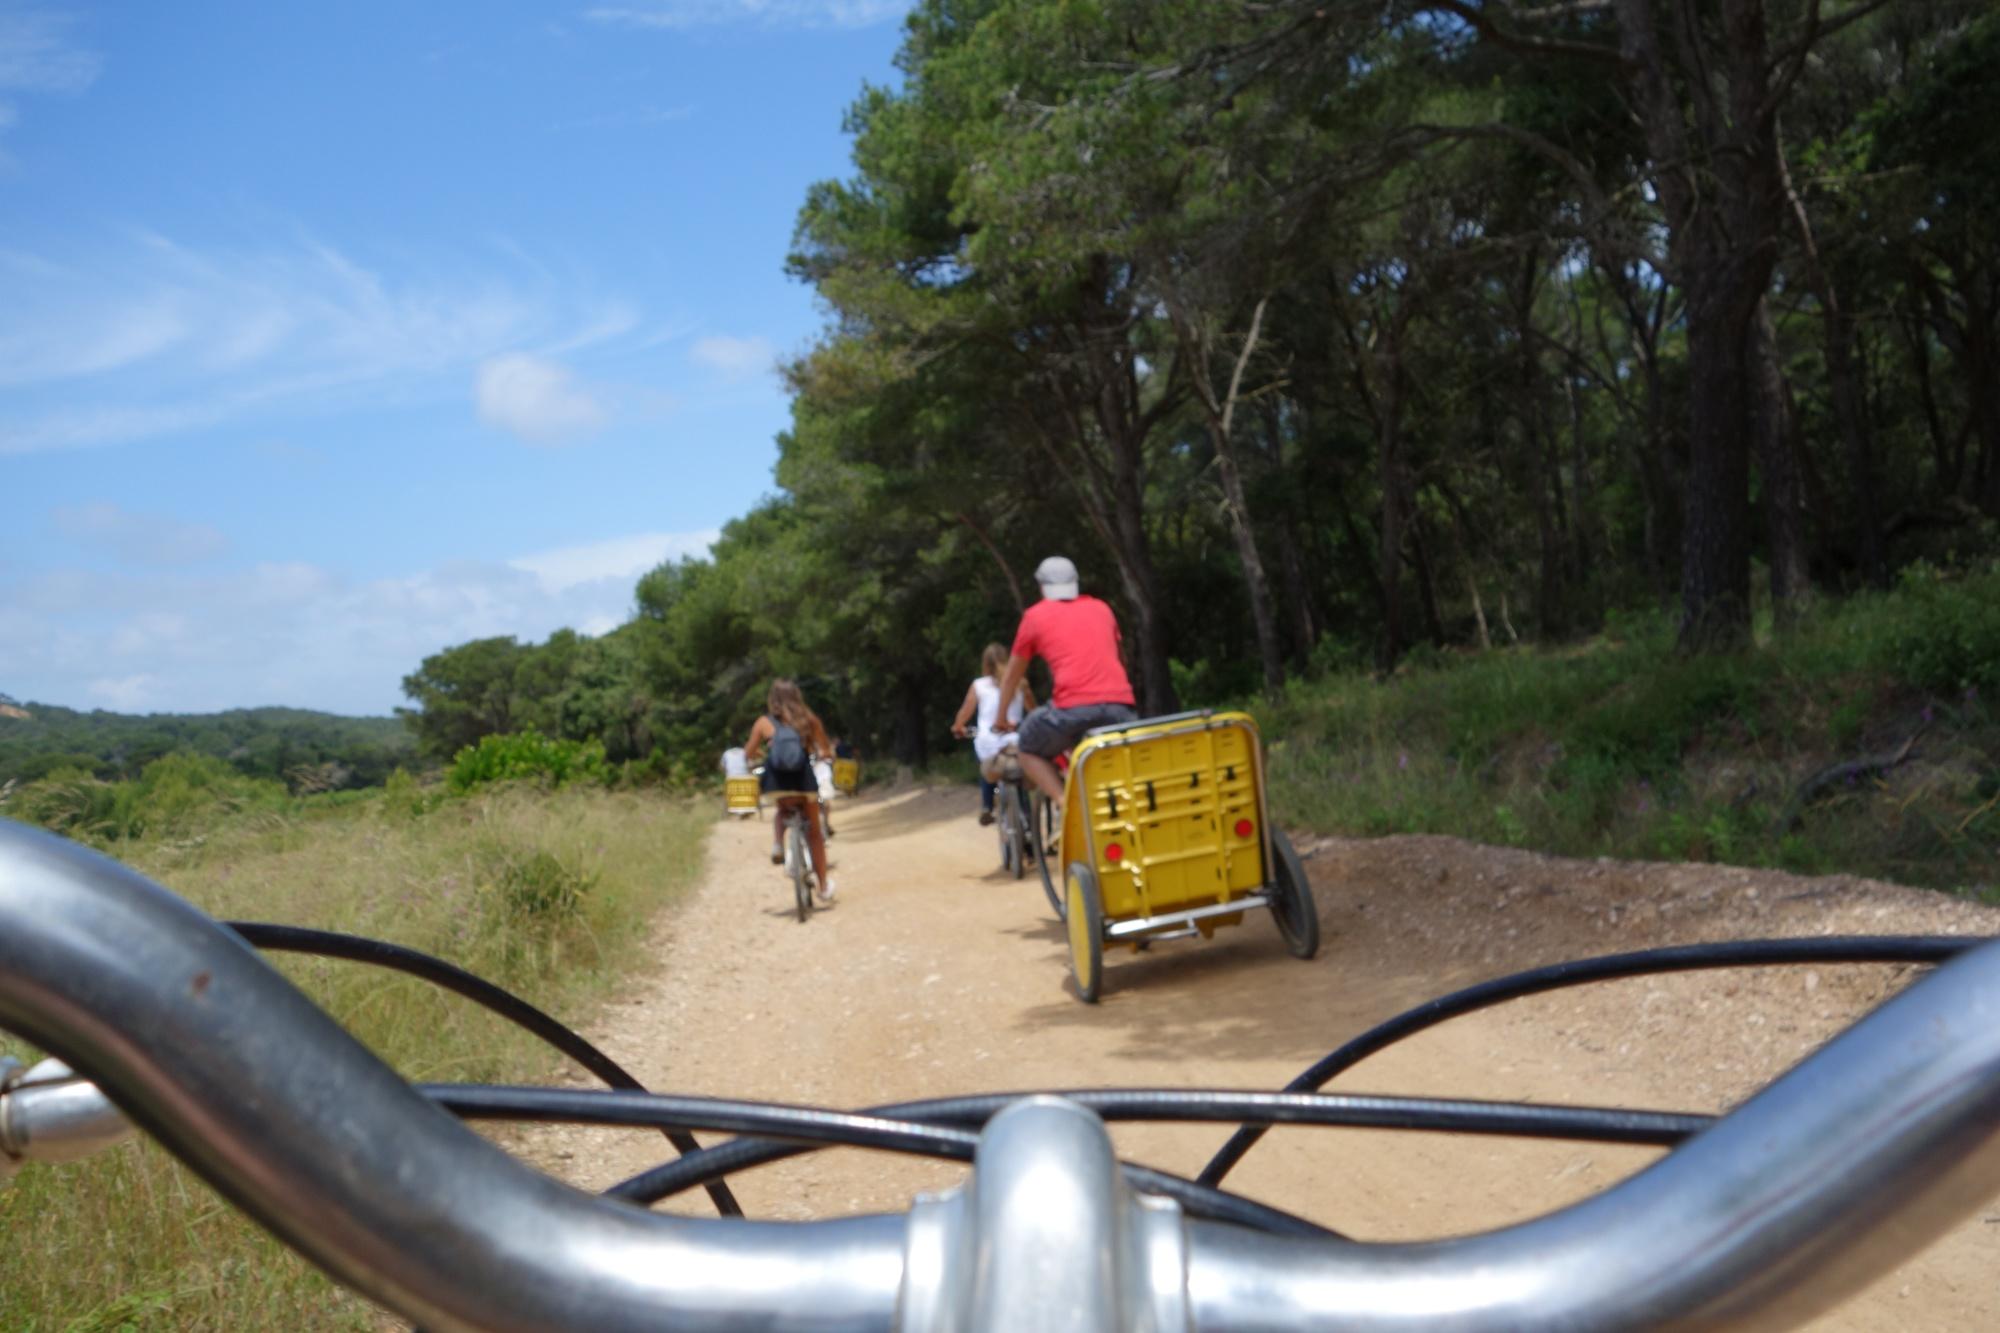 Location de vélos Porquerolles L'île aux trésors